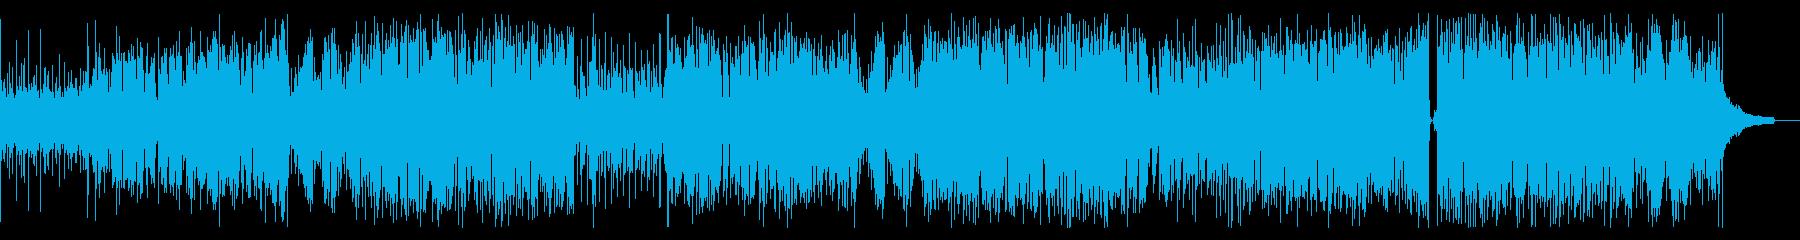 アコースティックギター/歌もの/機械的の再生済みの波形